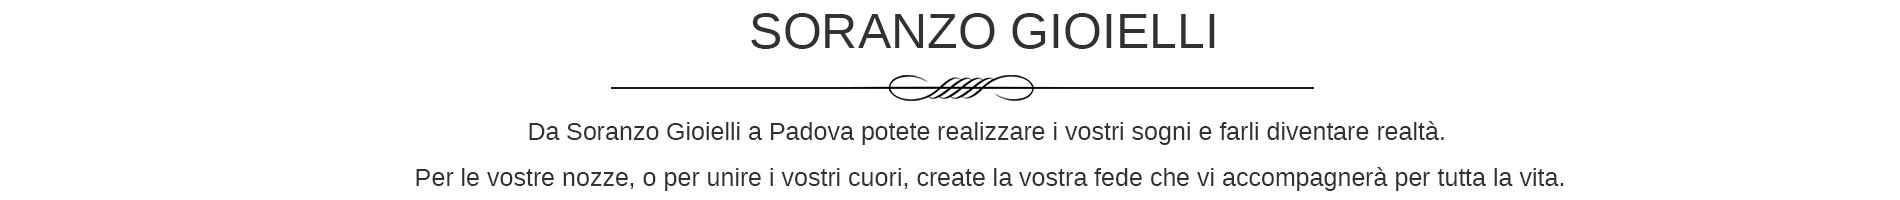 Soranzo gioielli è una gioielleria di qualità a Padova dotata di un laboratorio orafo di alto livello